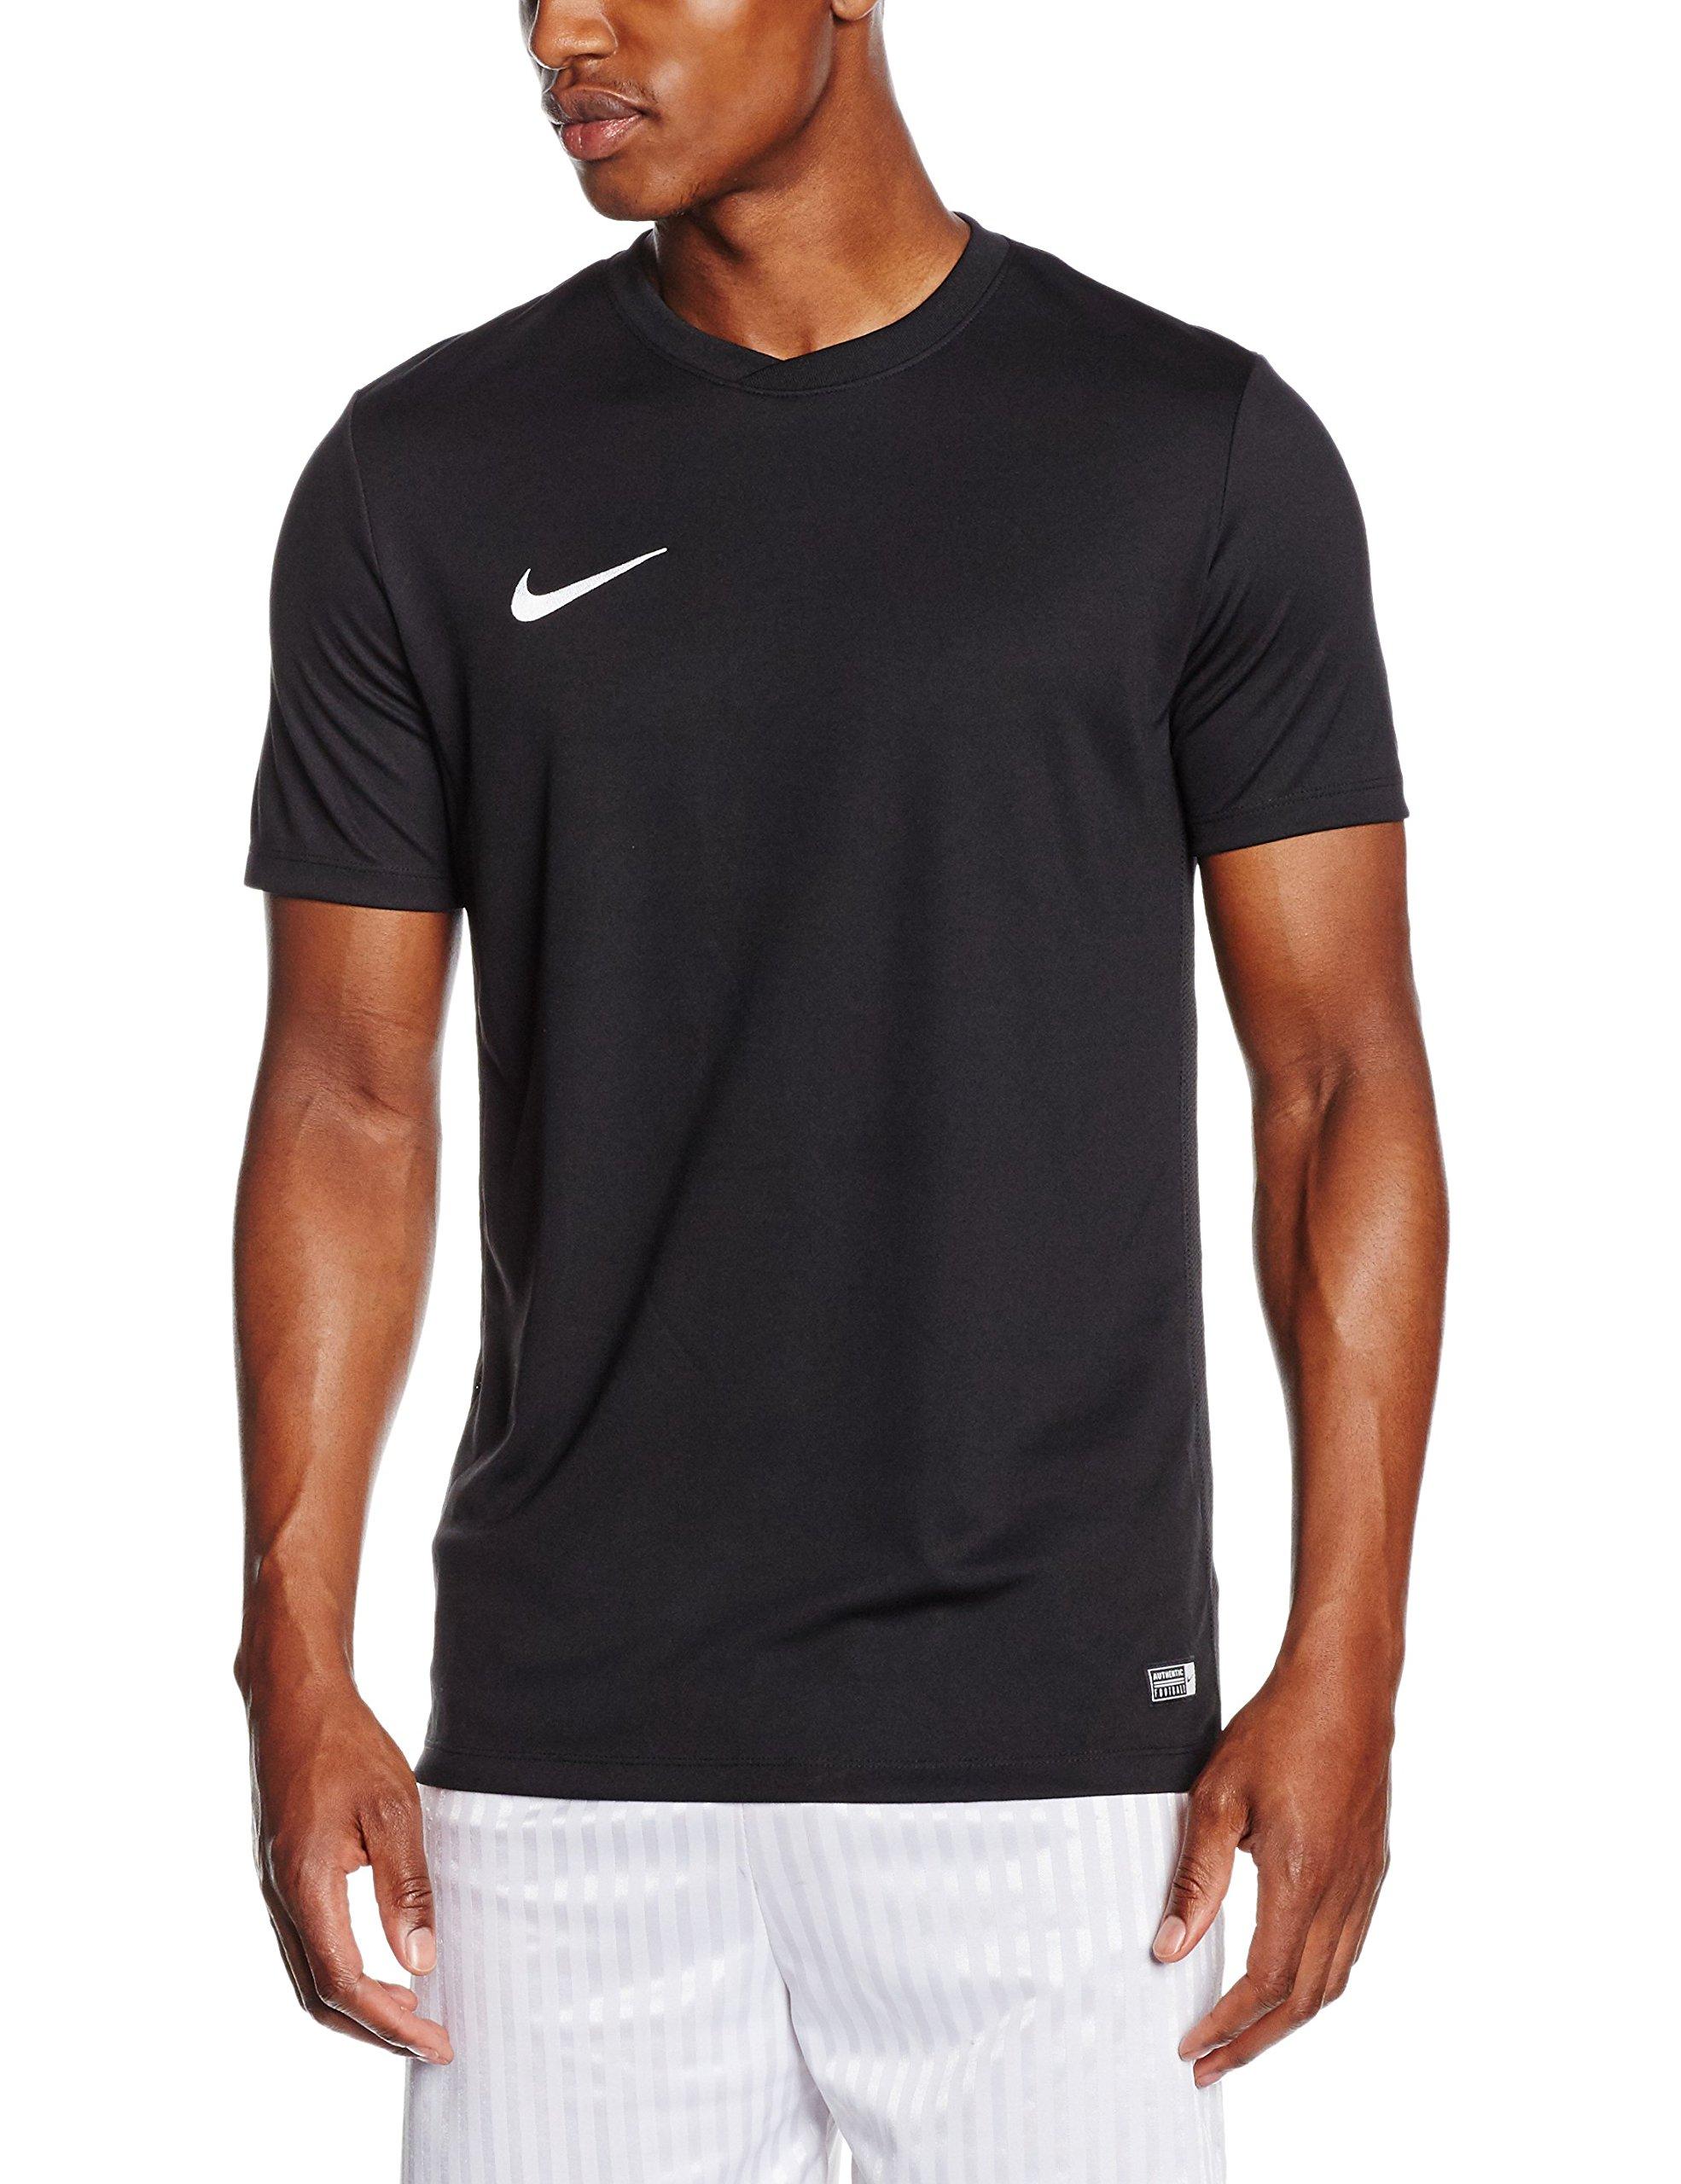 Top Les Notes Homme Sport De Selon Shirts T pSqv7WHrp